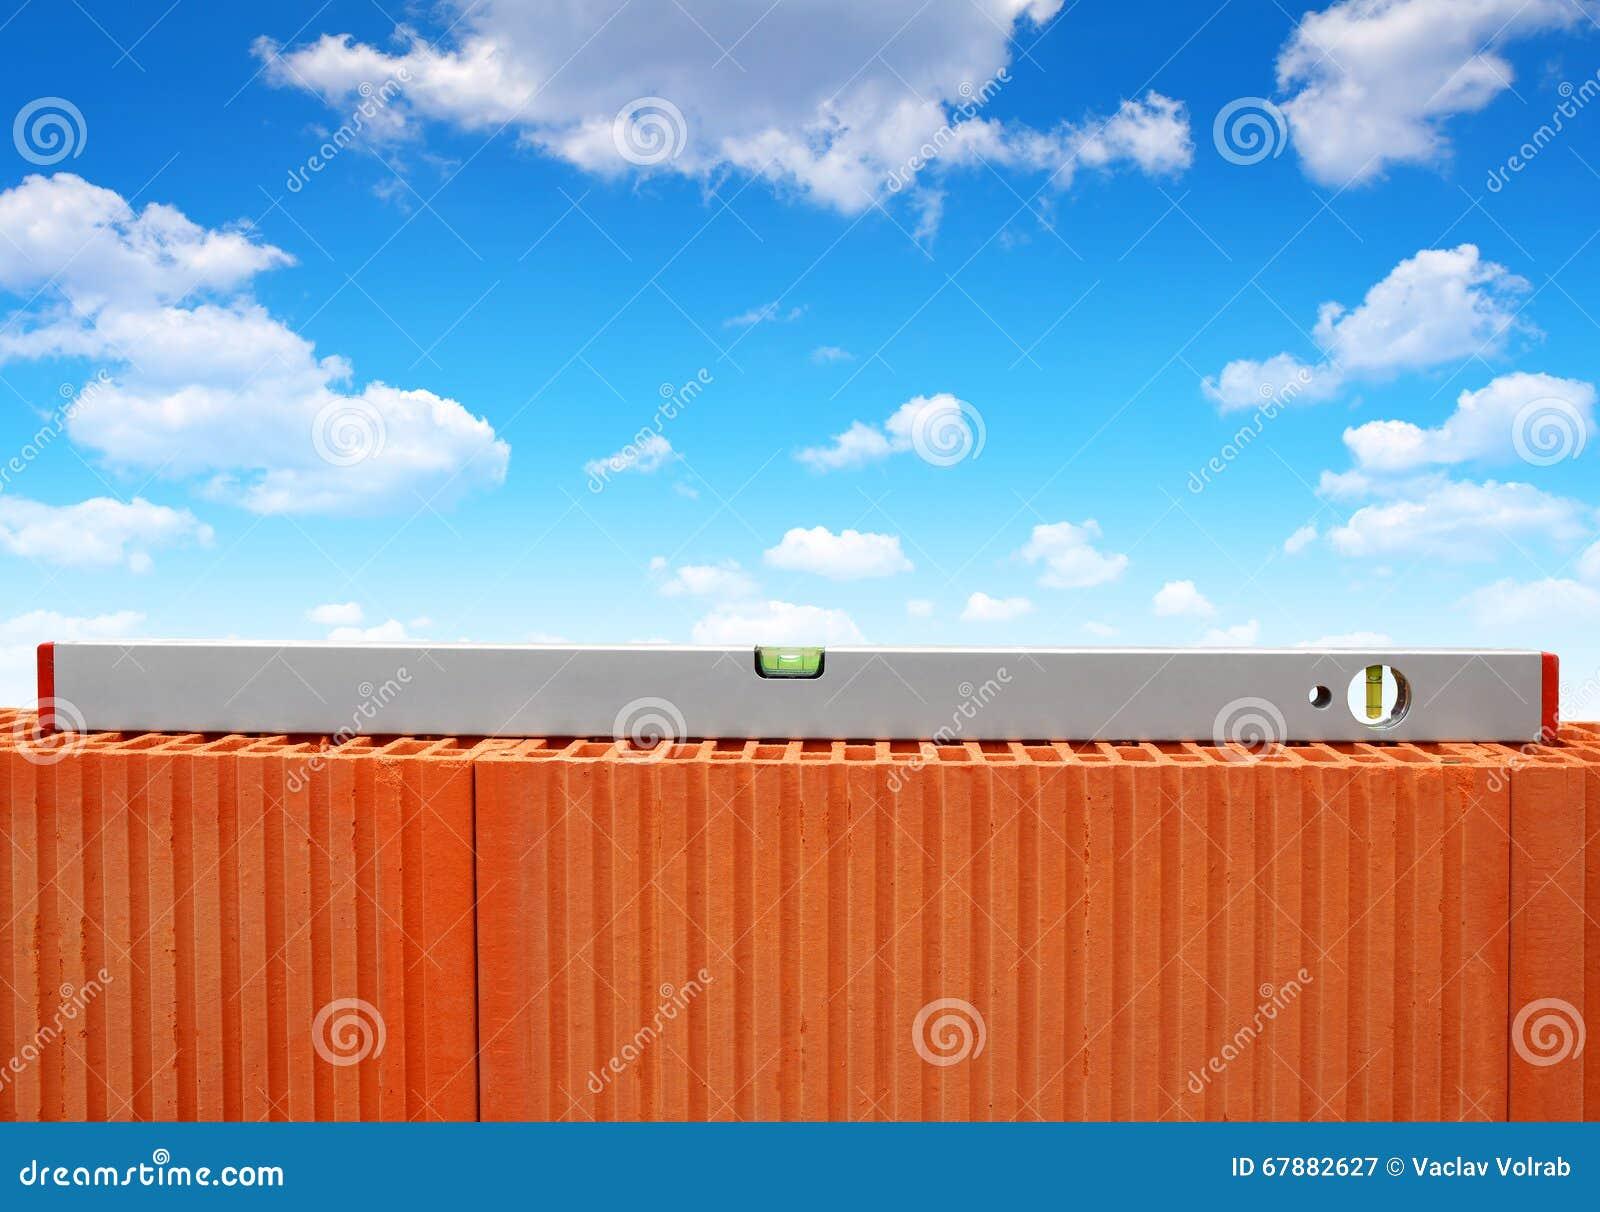 在砖墙上的水平仪